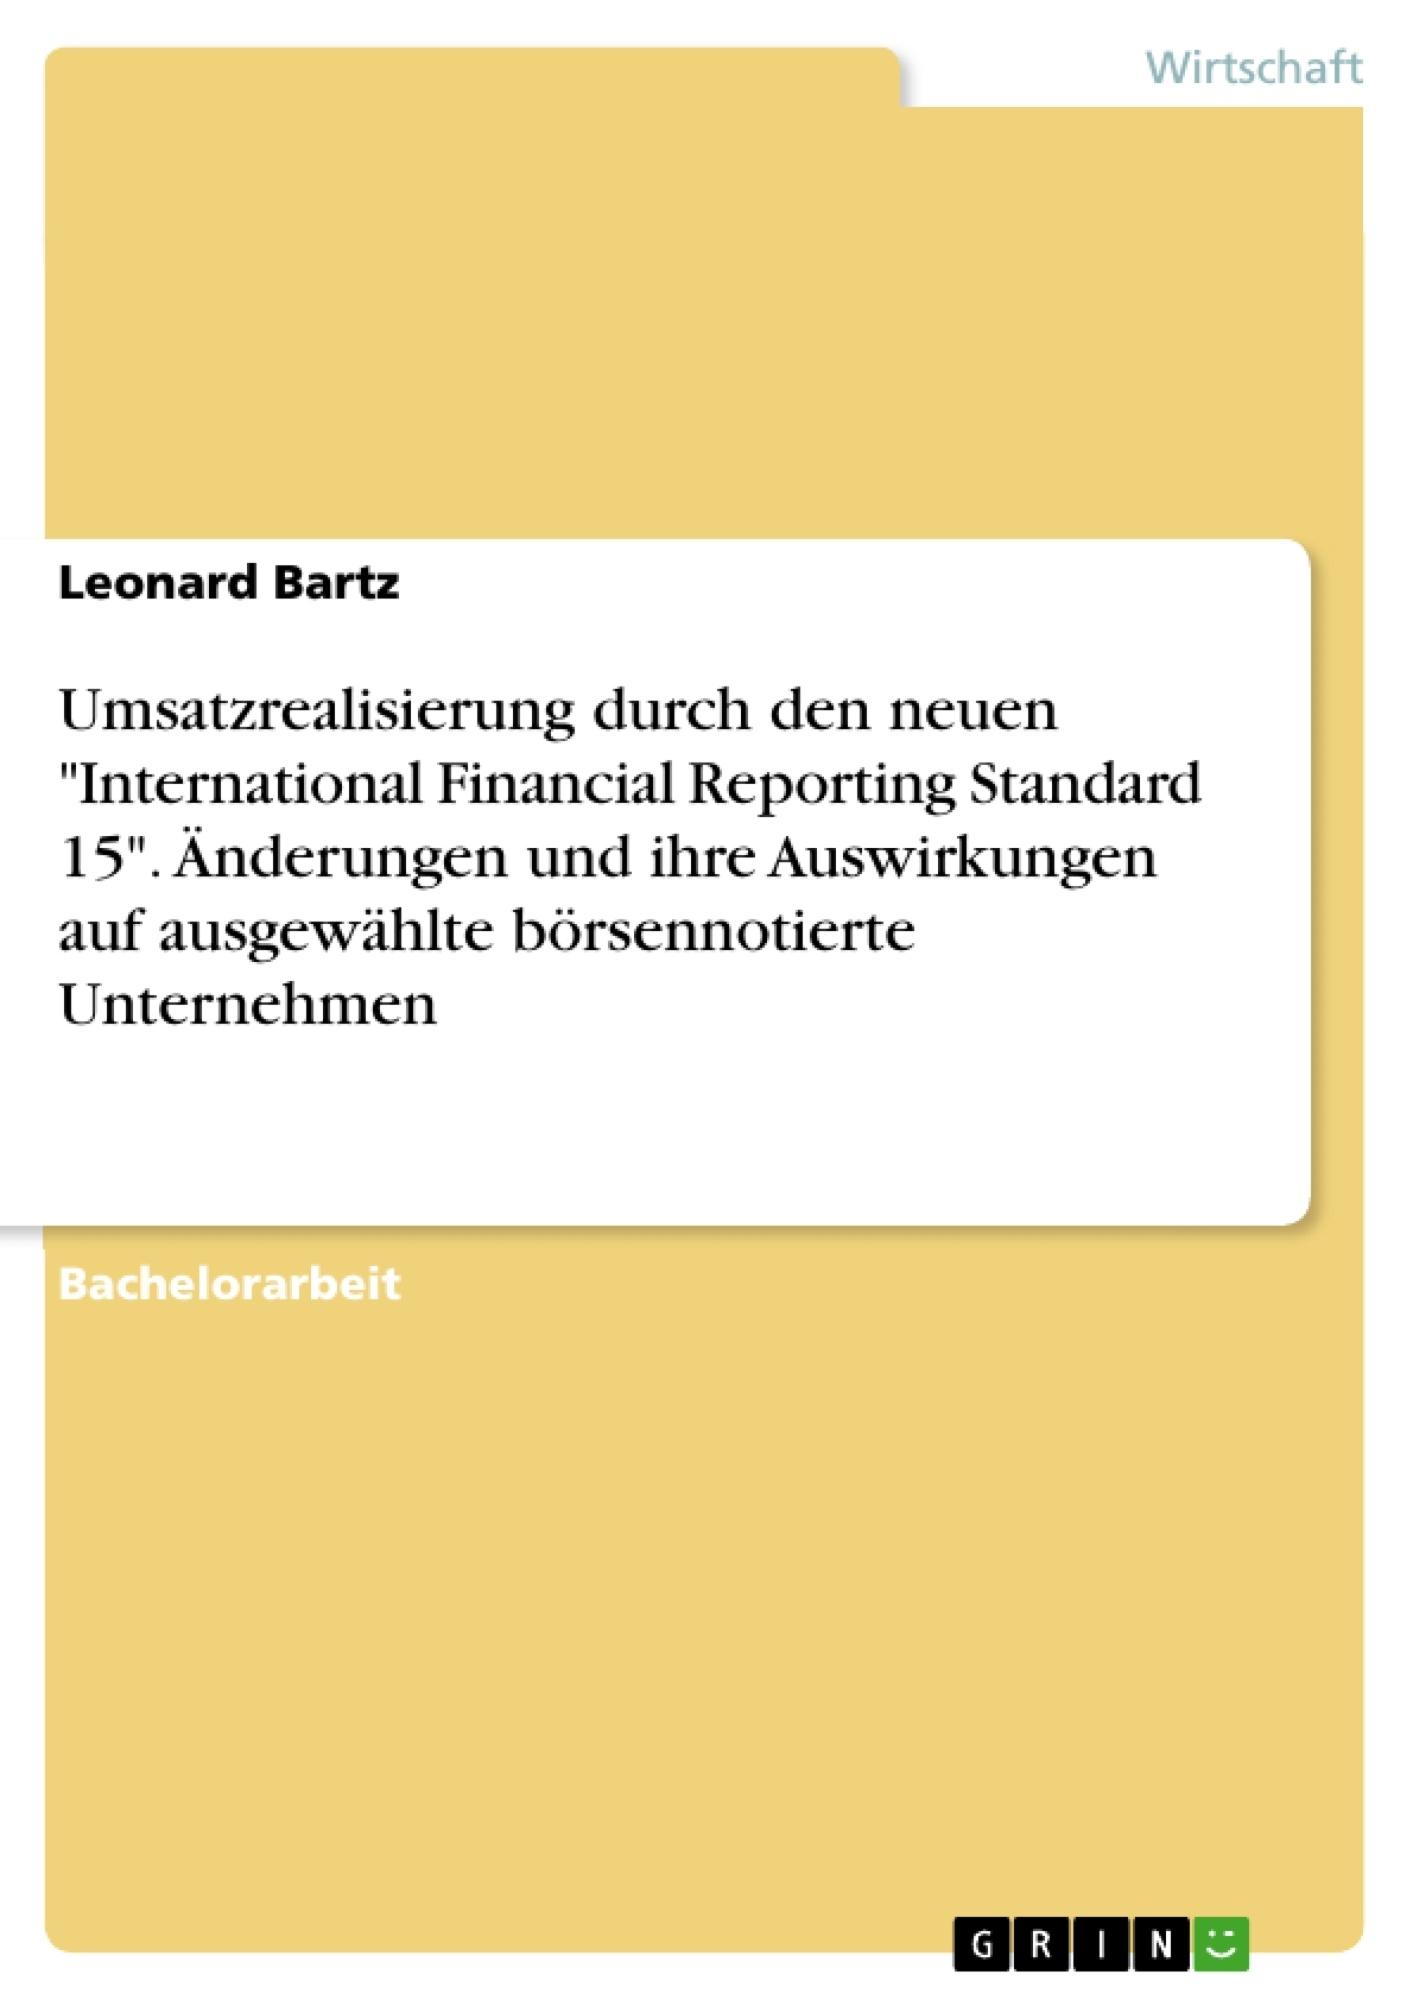 """Titel: Umsatzrealisierung durch den neuen """"International Financial Reporting Standard 15"""". Änderungen und ihre Auswirkungen auf ausgewählte börsennotierte Unternehmen"""